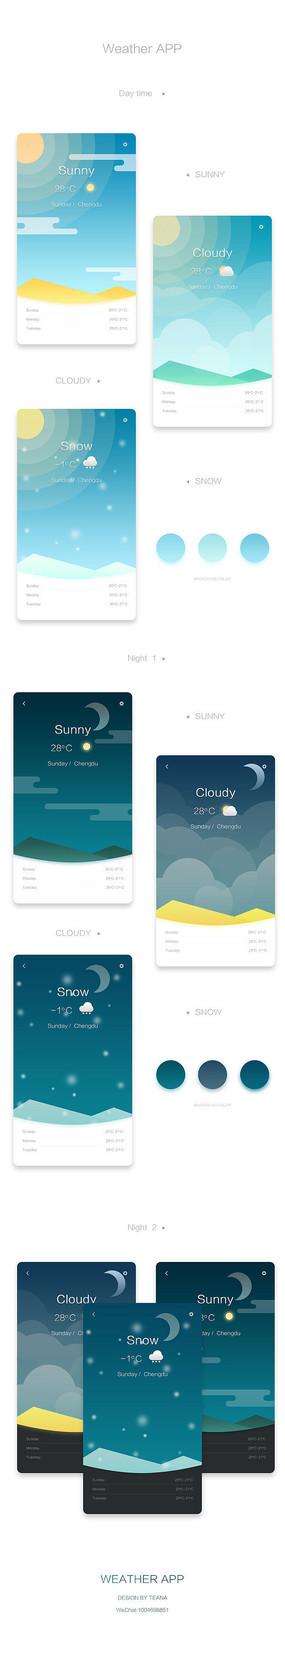 天气APP界面设计 PSD